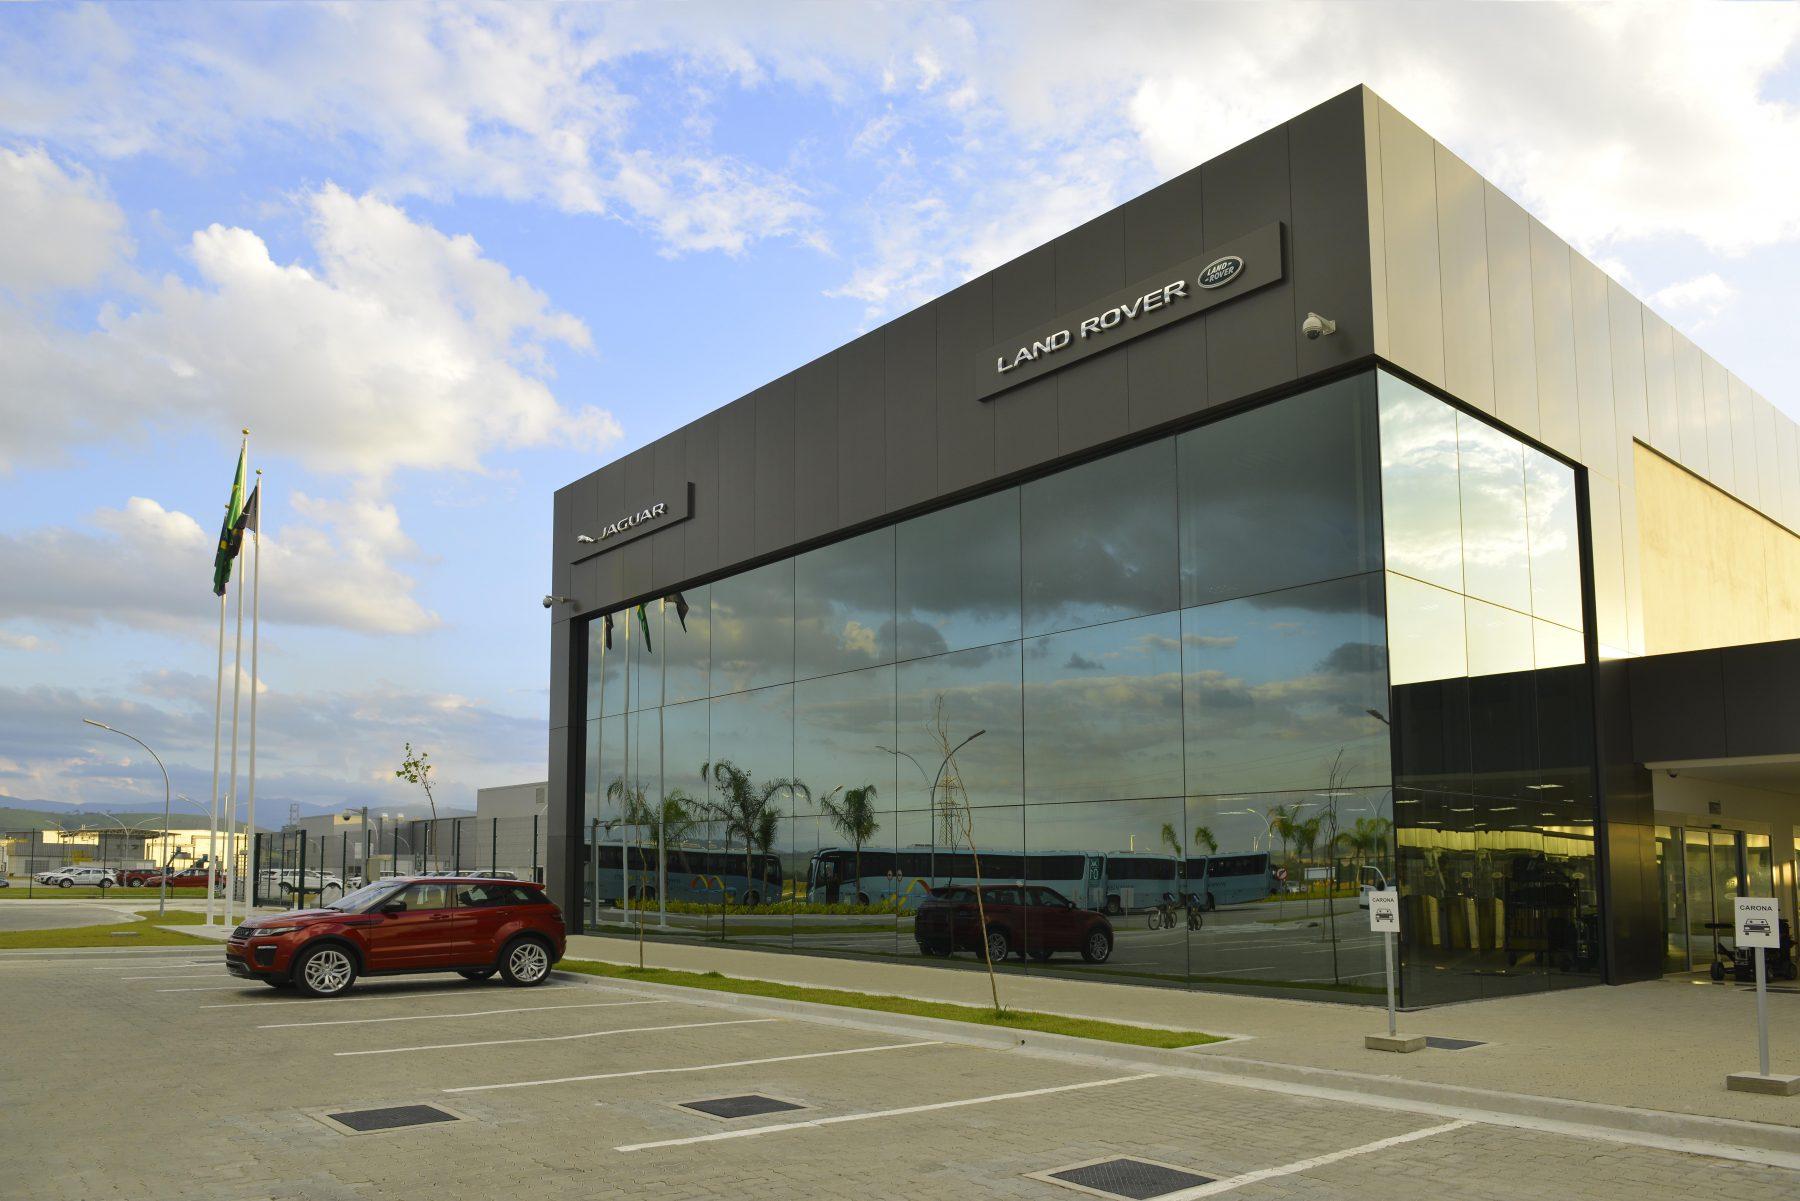 Fábrica da Jaguar/Land Rover em Itatiaia, RJ